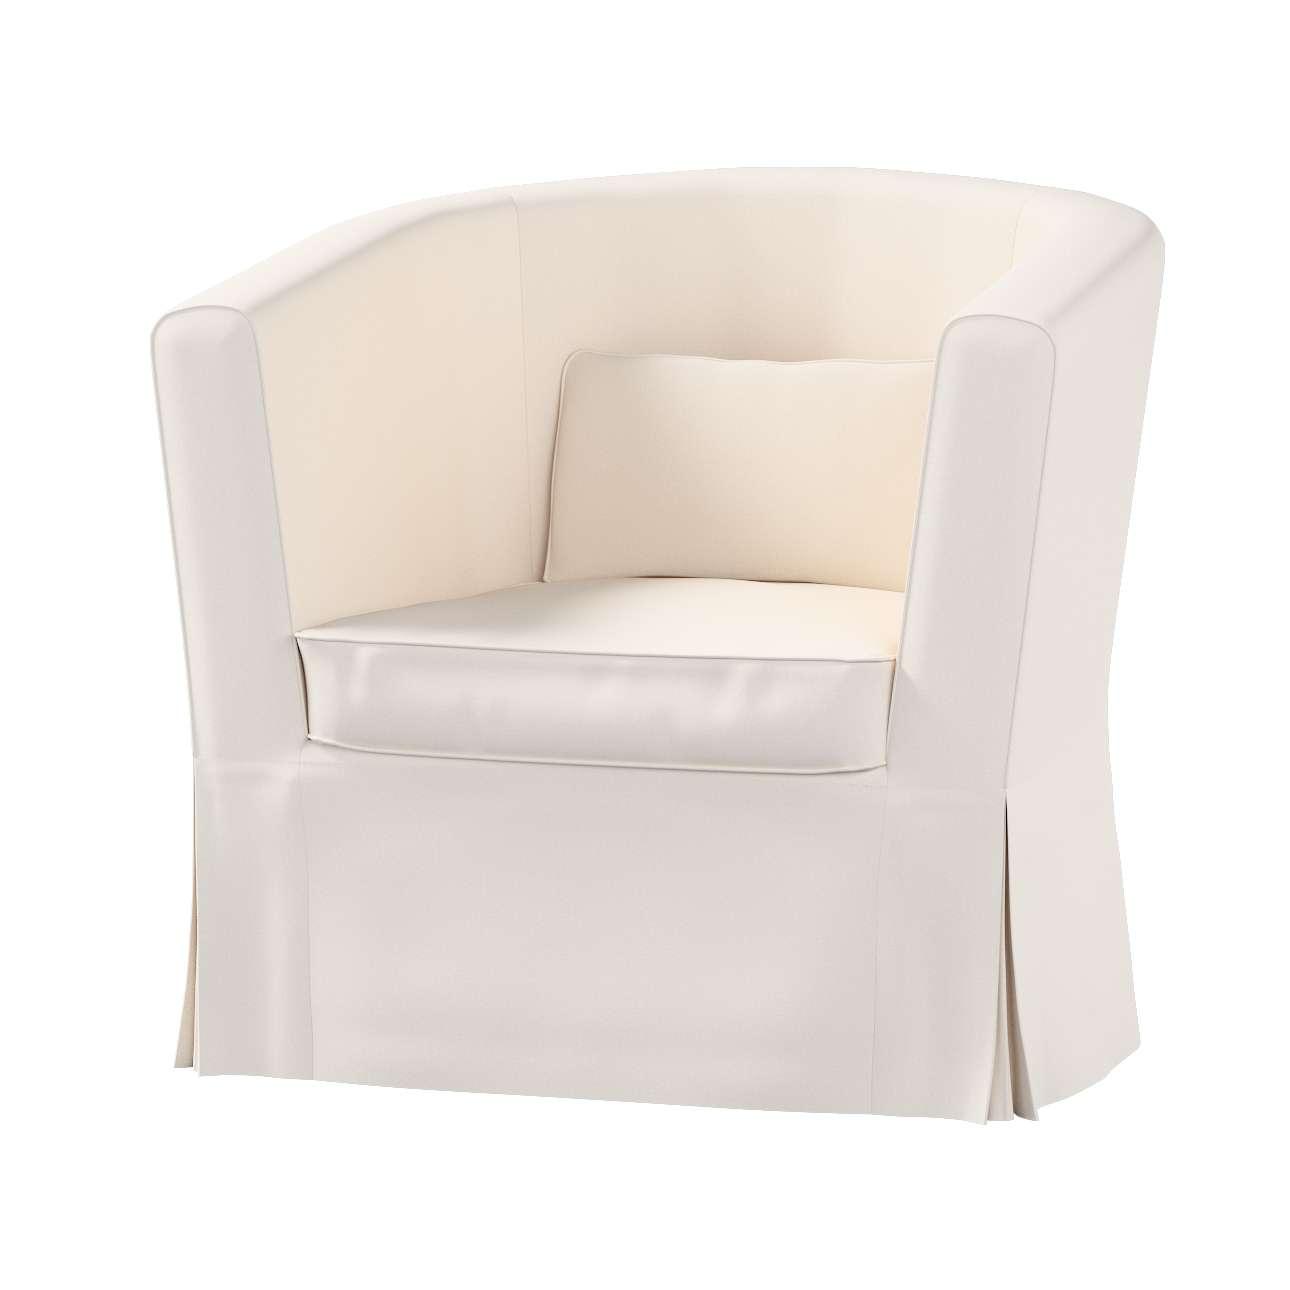 Ikea Ektorp Hocker Gebraucht ~ Ektorp  Bezug für das Sofa, den Sessel, den Hocker im Online Shop